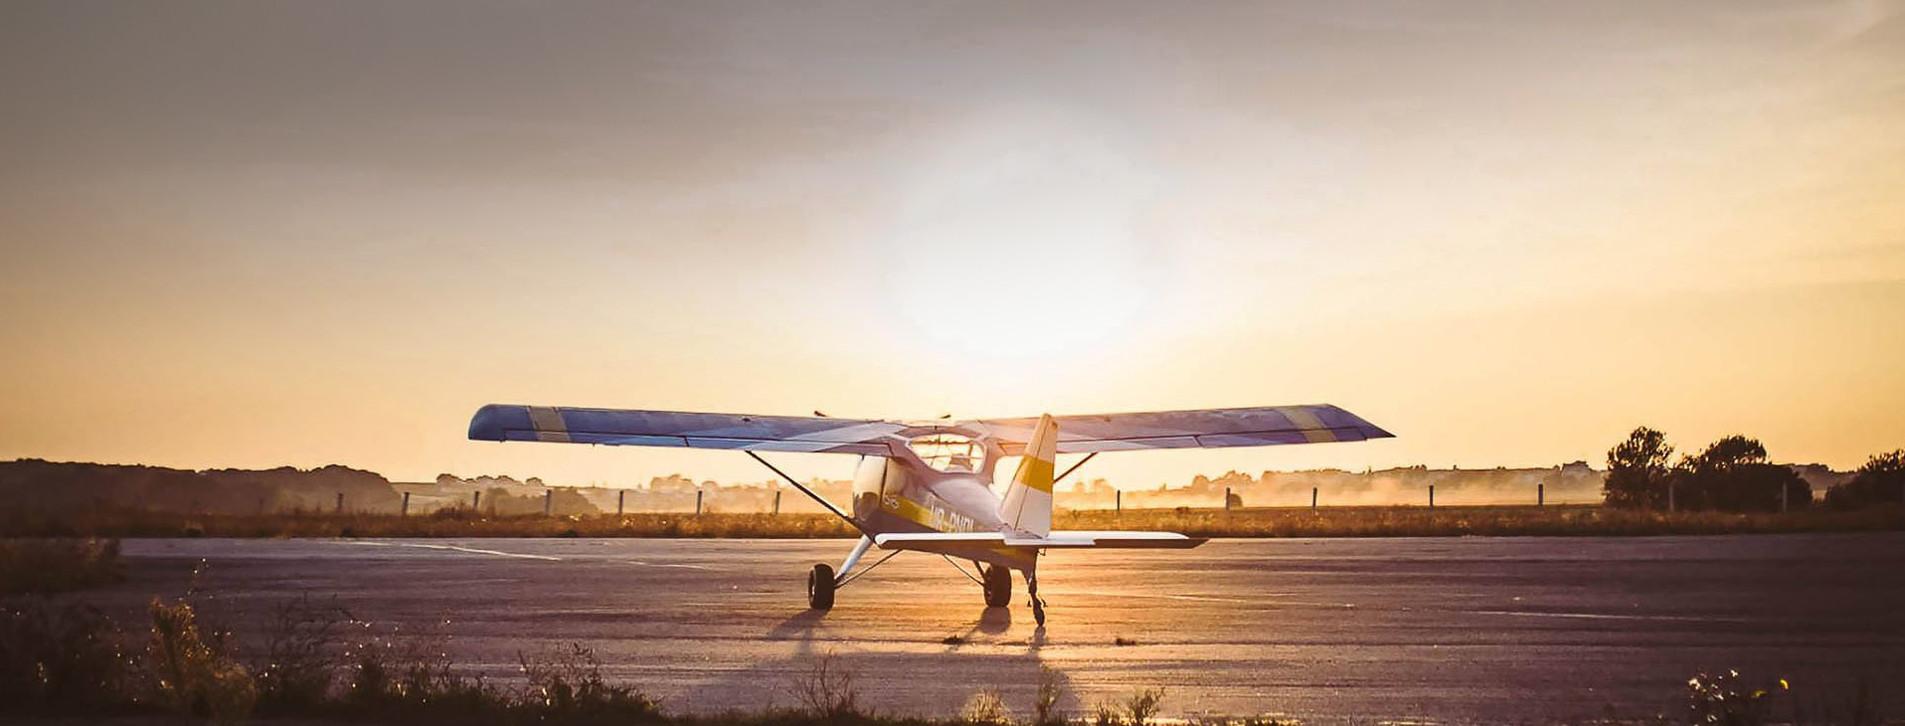 Фото 1 - Затяжной полет на легком самолете